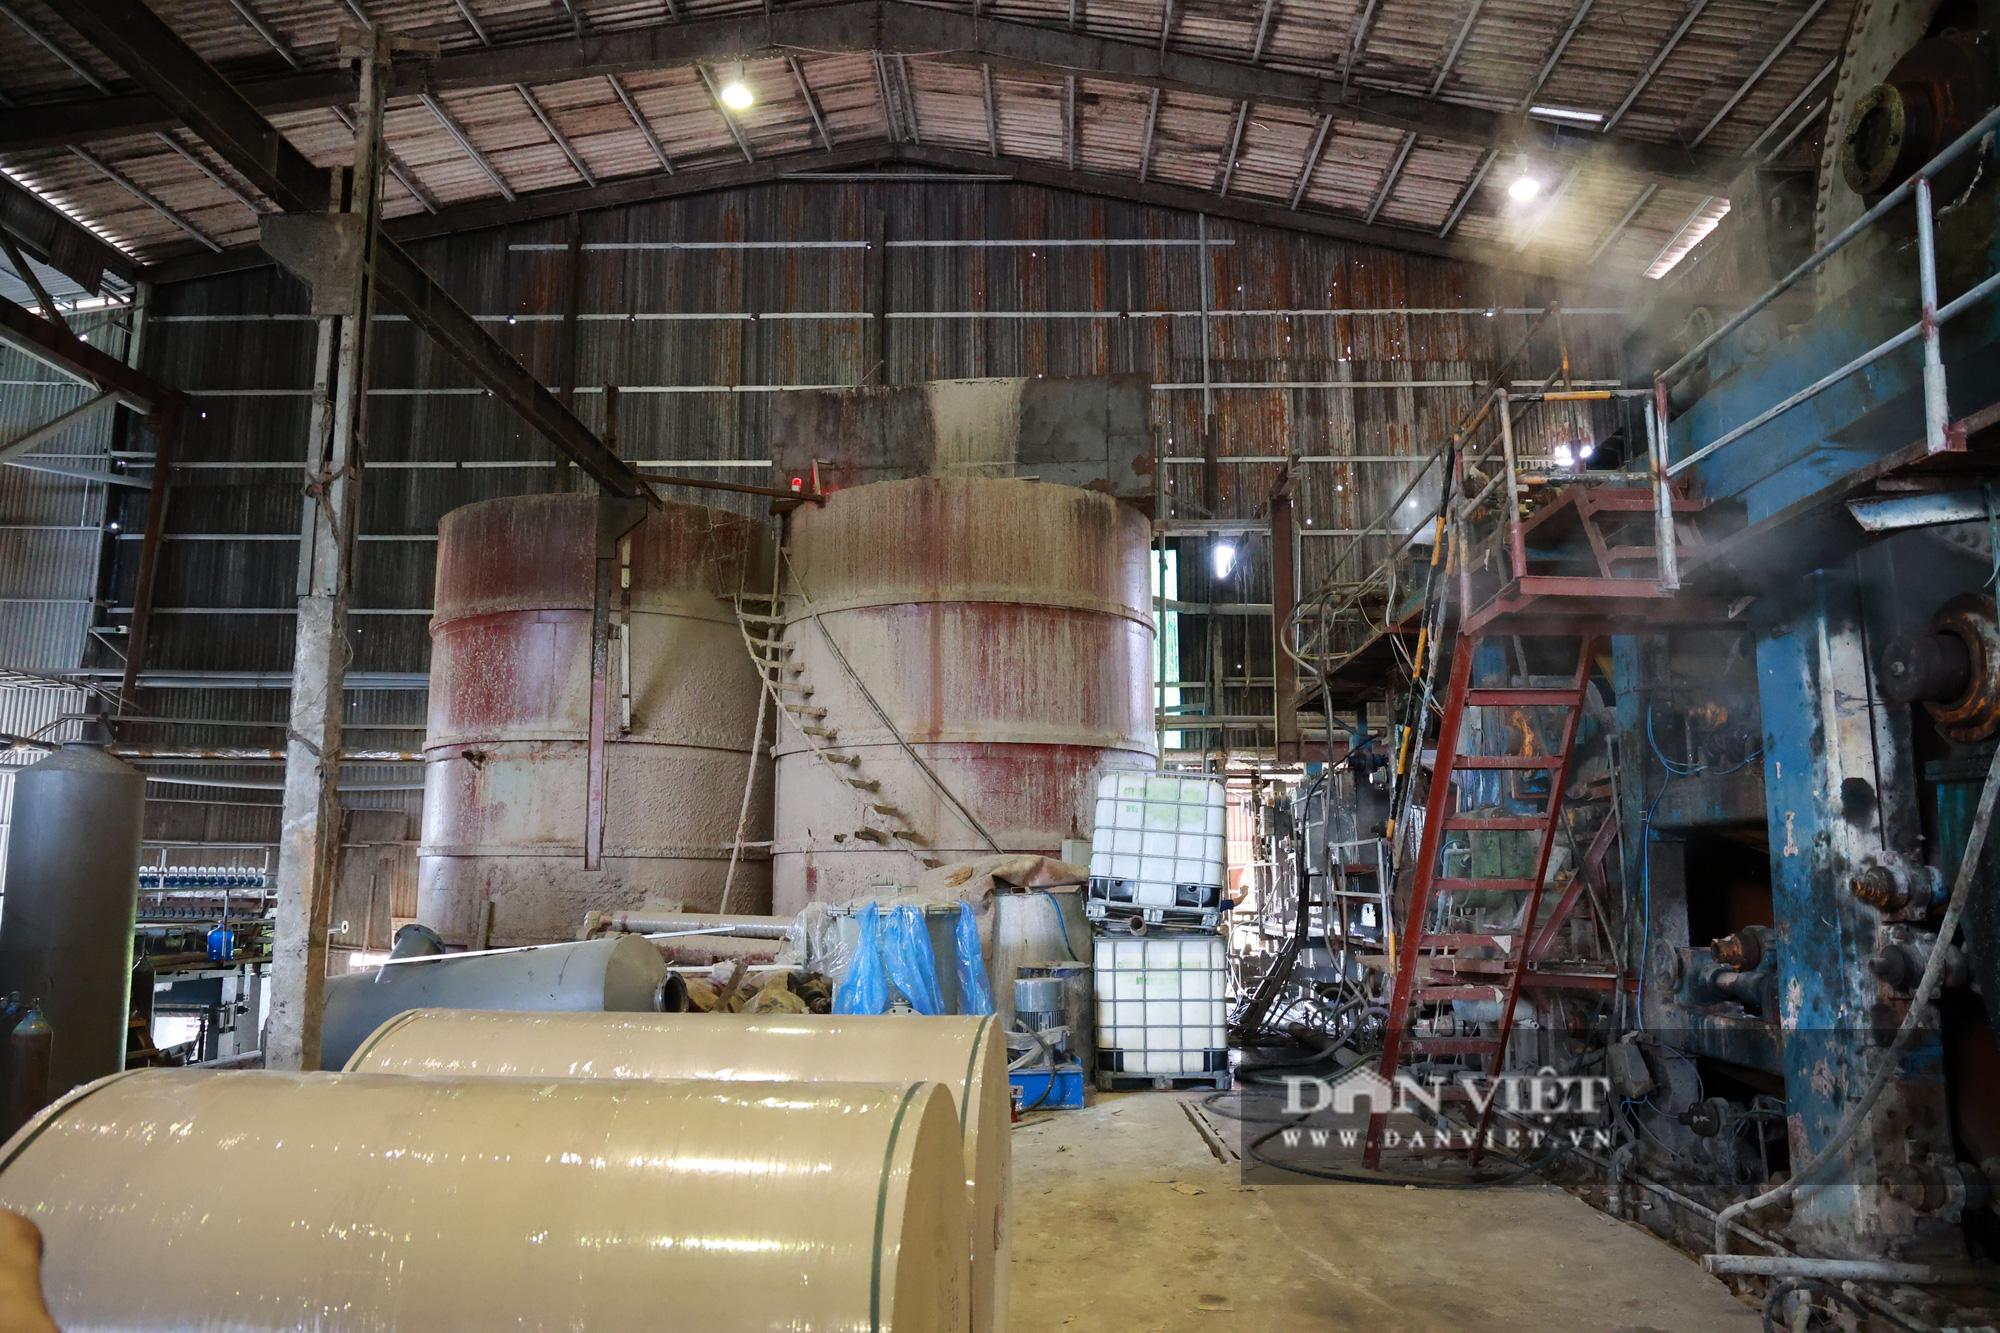 Kinh hãi bên trong nhà máy sản xuất giấy vừa bị đình chỉ ở Phong Khê - Ảnh 1.